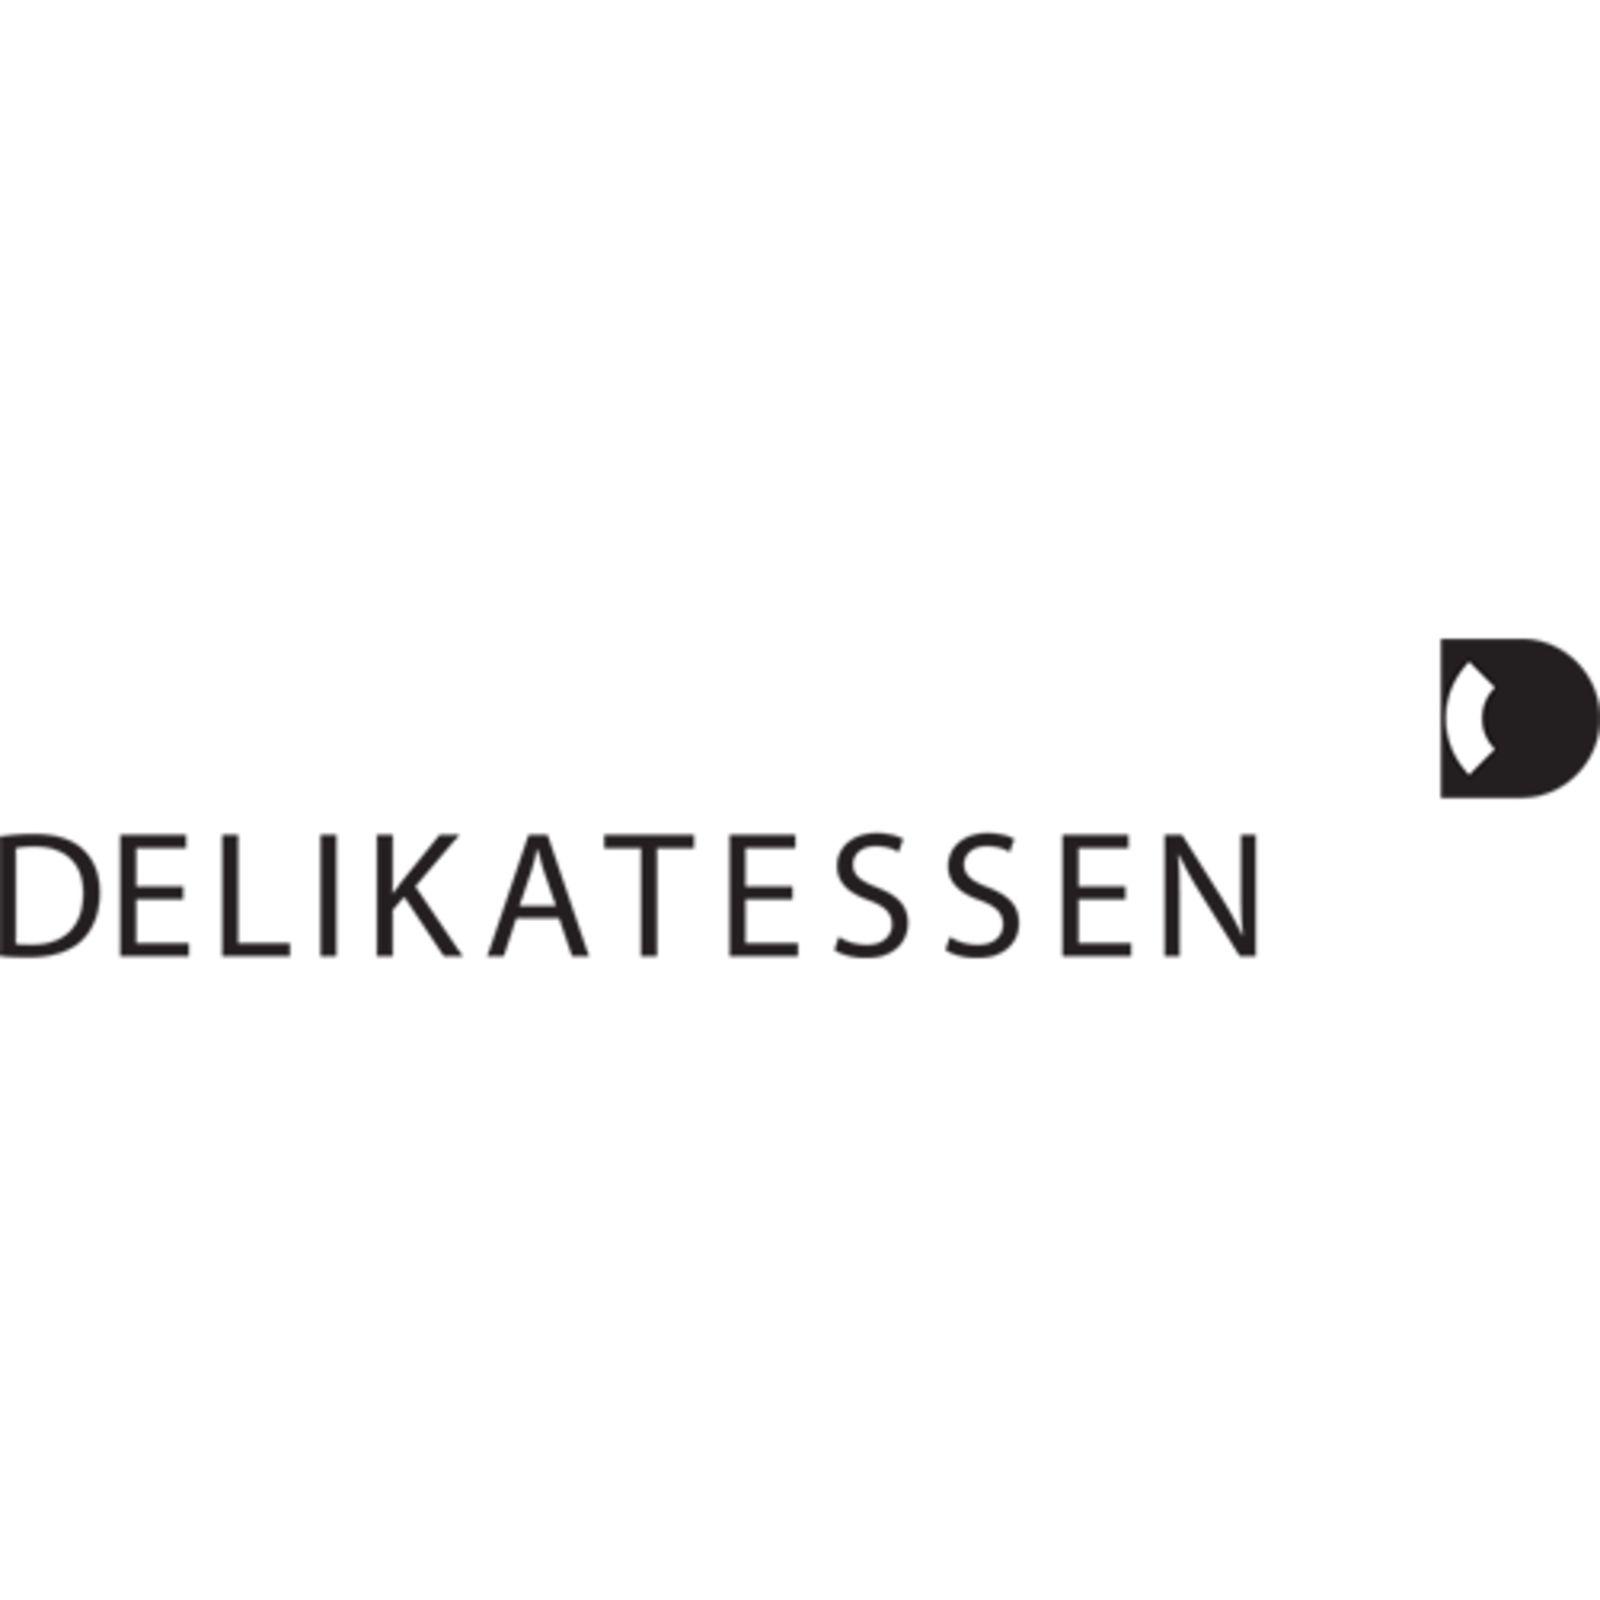 DELIKATESSEN (Imagen 1)